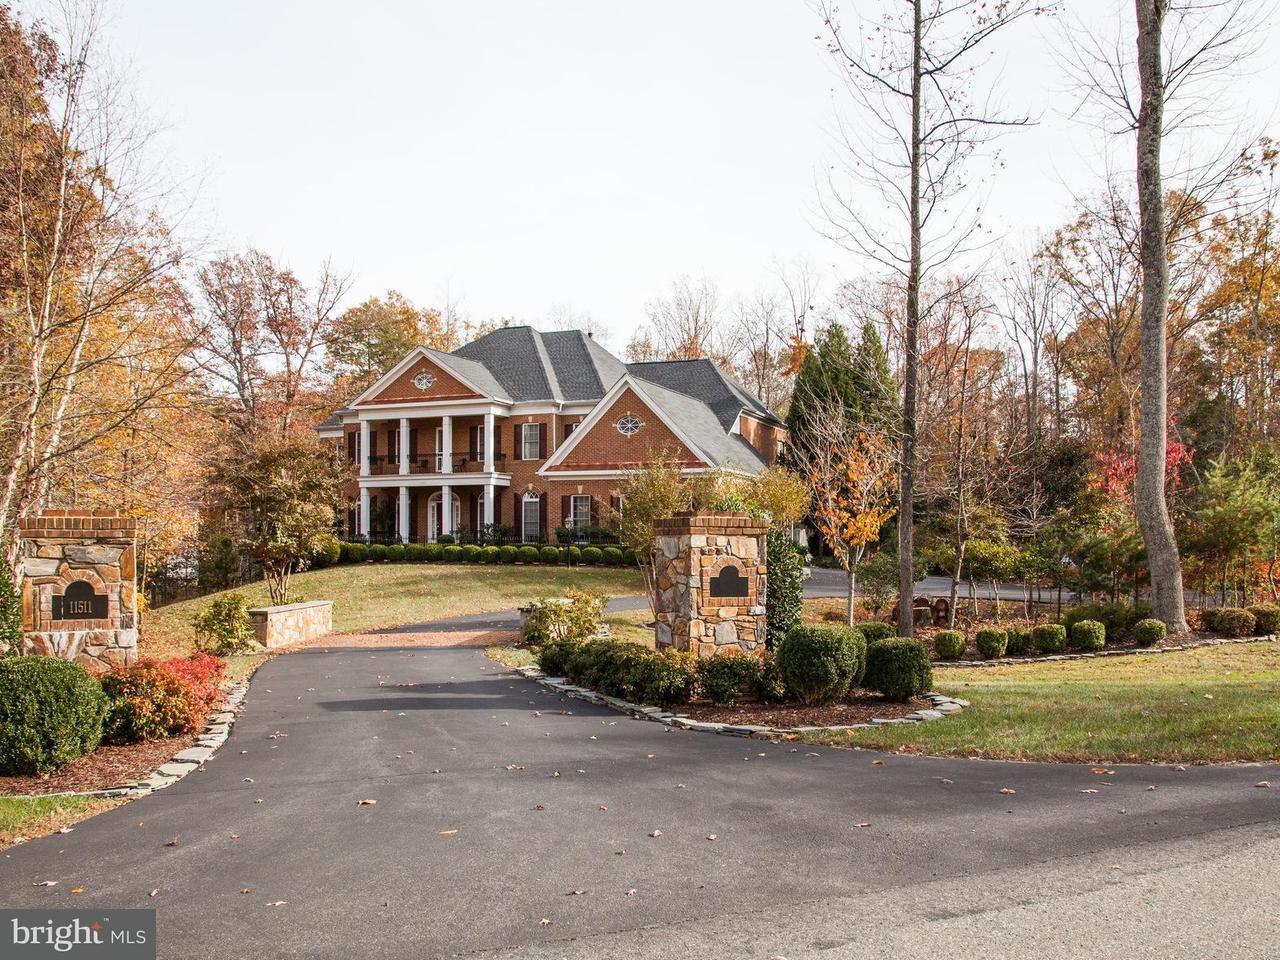 Частный односемейный дом для того Продажа на 11511 Balmartin Court 11511 Balmartin Court Spotsylvania, Виргиния 22553 Соединенные Штаты